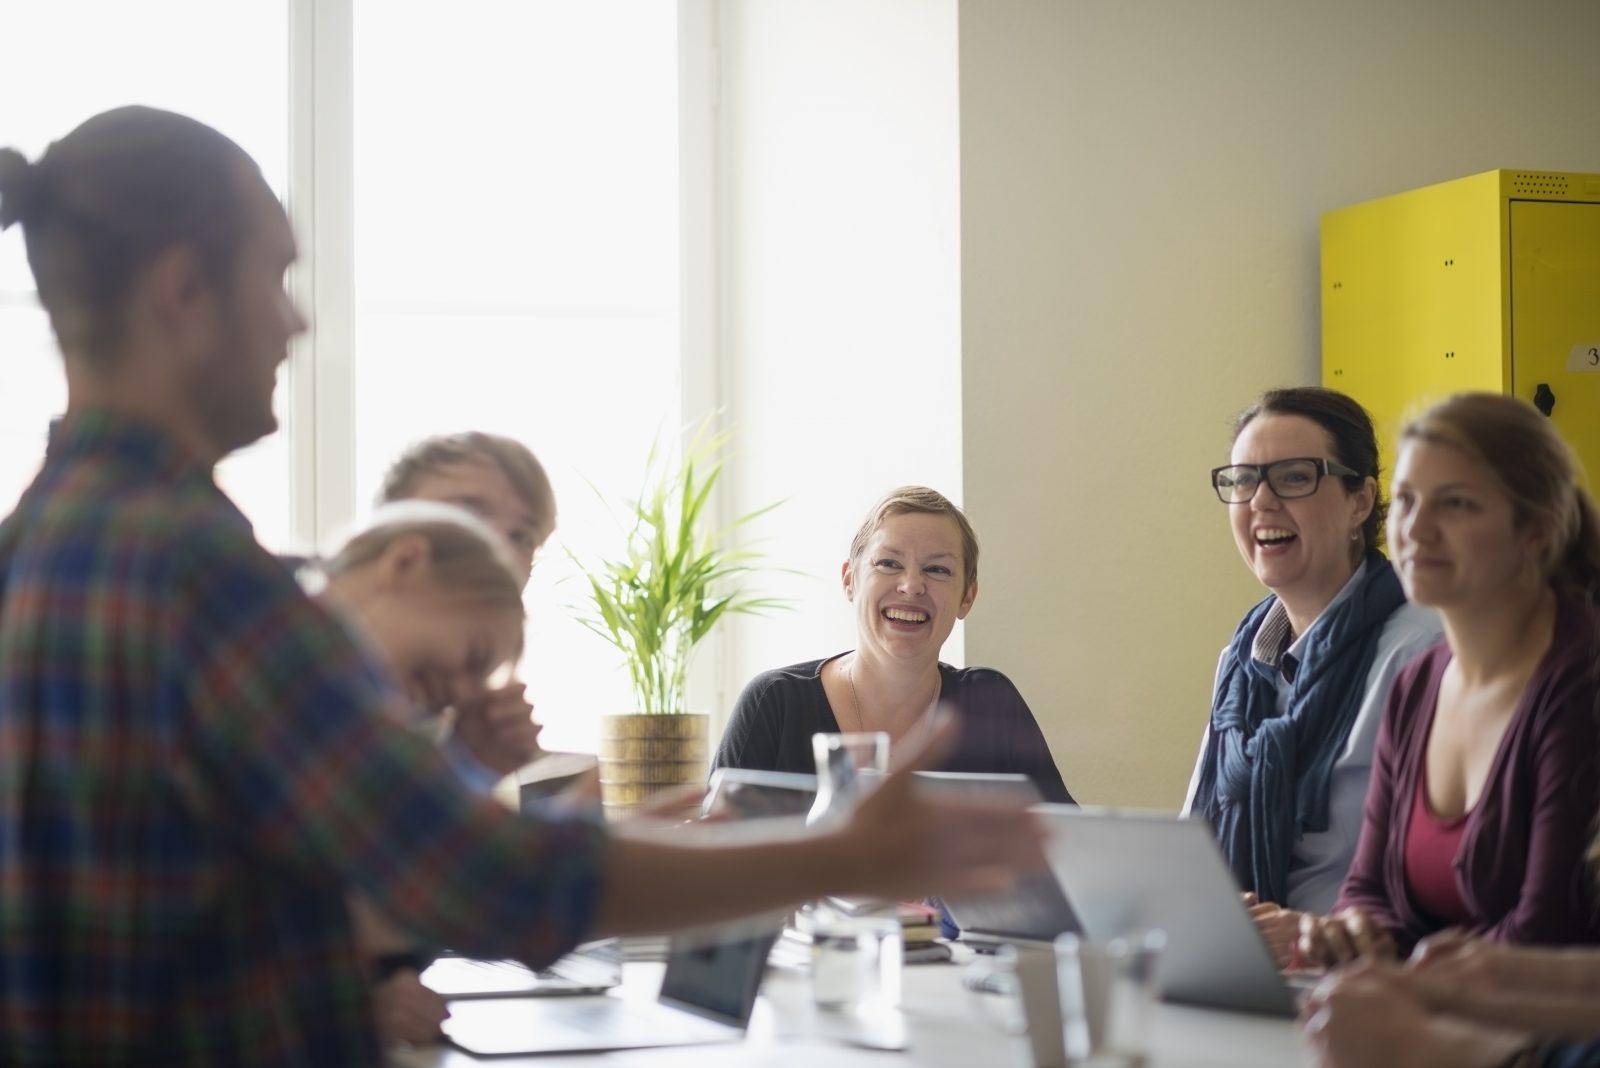 Möte med skrattande deltagare runt ett bord, som tittar på en person som står upp och presenterar. I mitten sitter Malin Valsö, från Elevhälsokonsulterna.